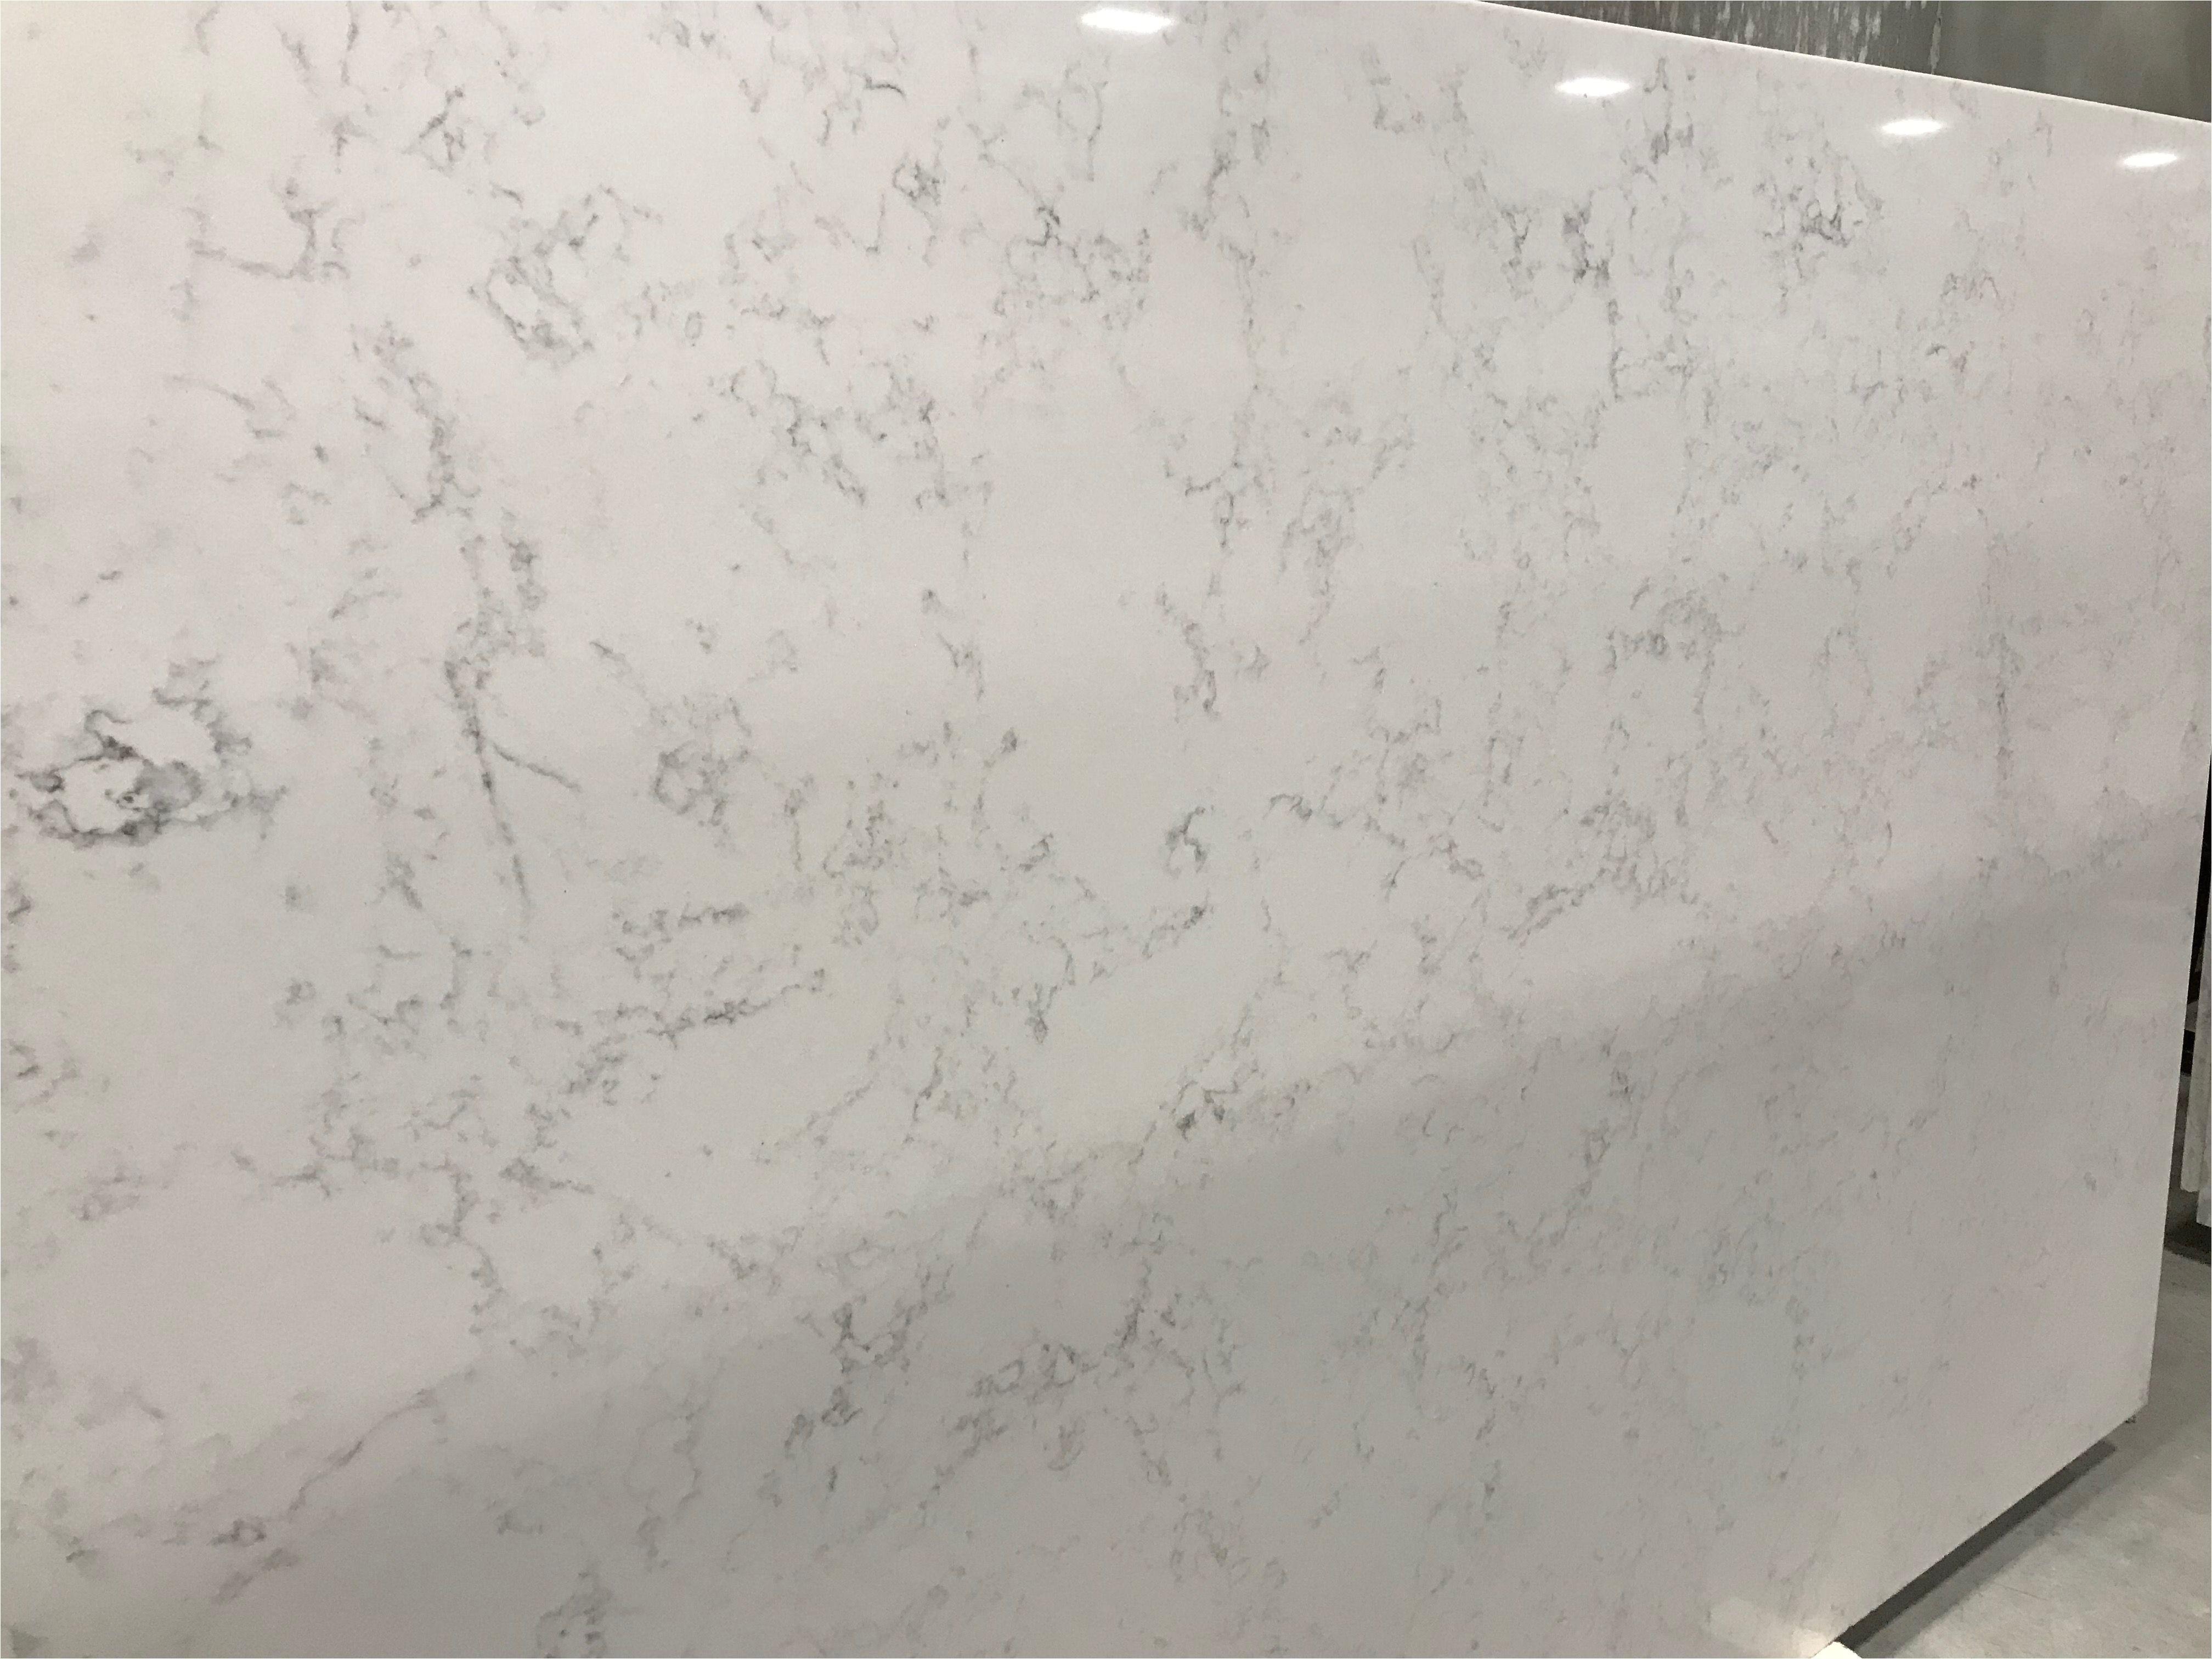 ag m bianca marina countertop options countertops quartz counter countertop worksheets